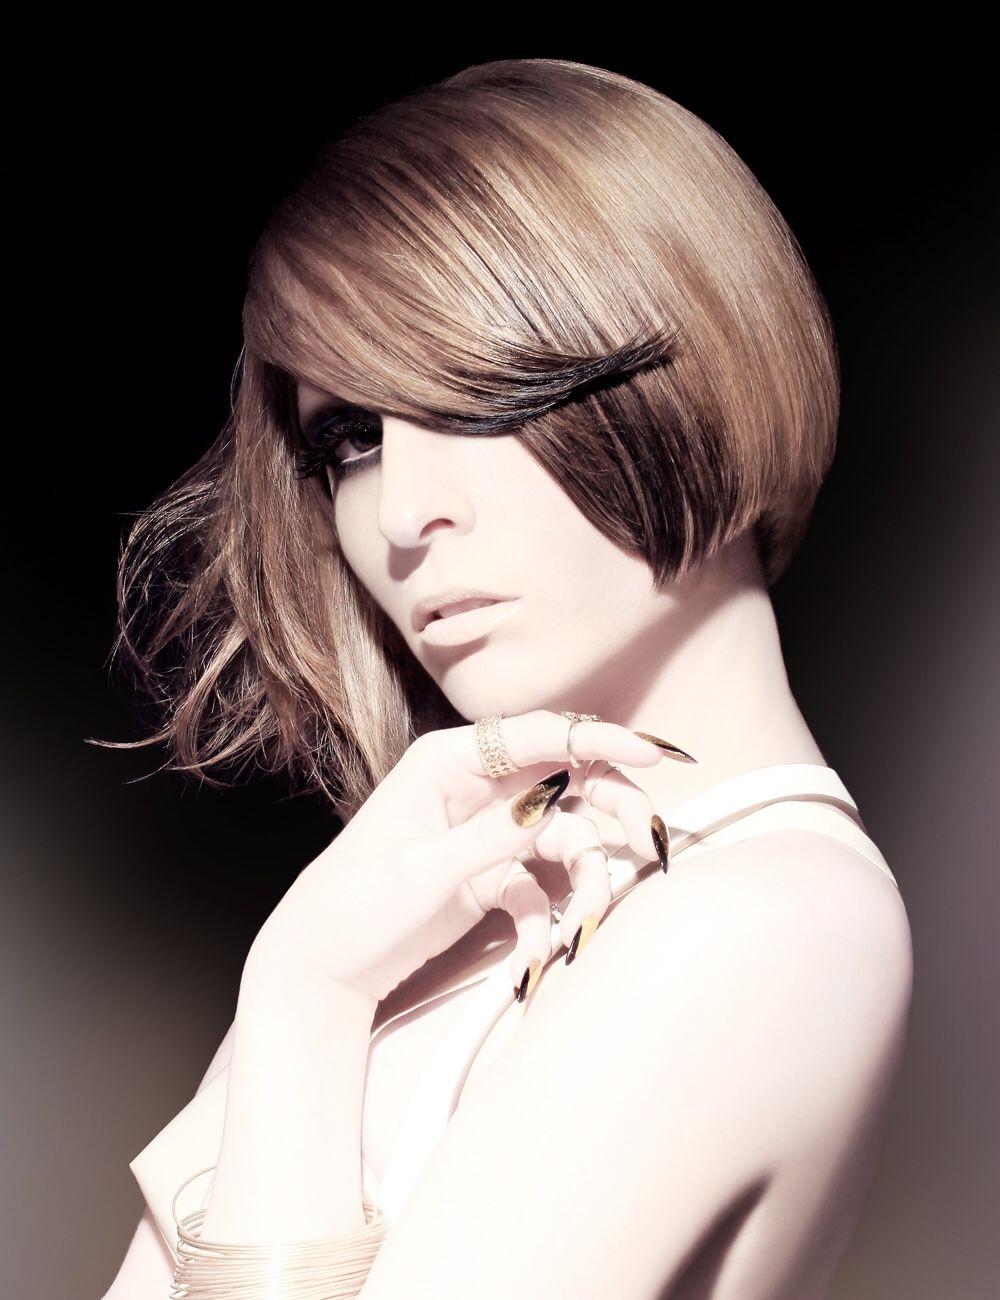 Model; me Photography Nicholas Jang Makeup Sandy Leung